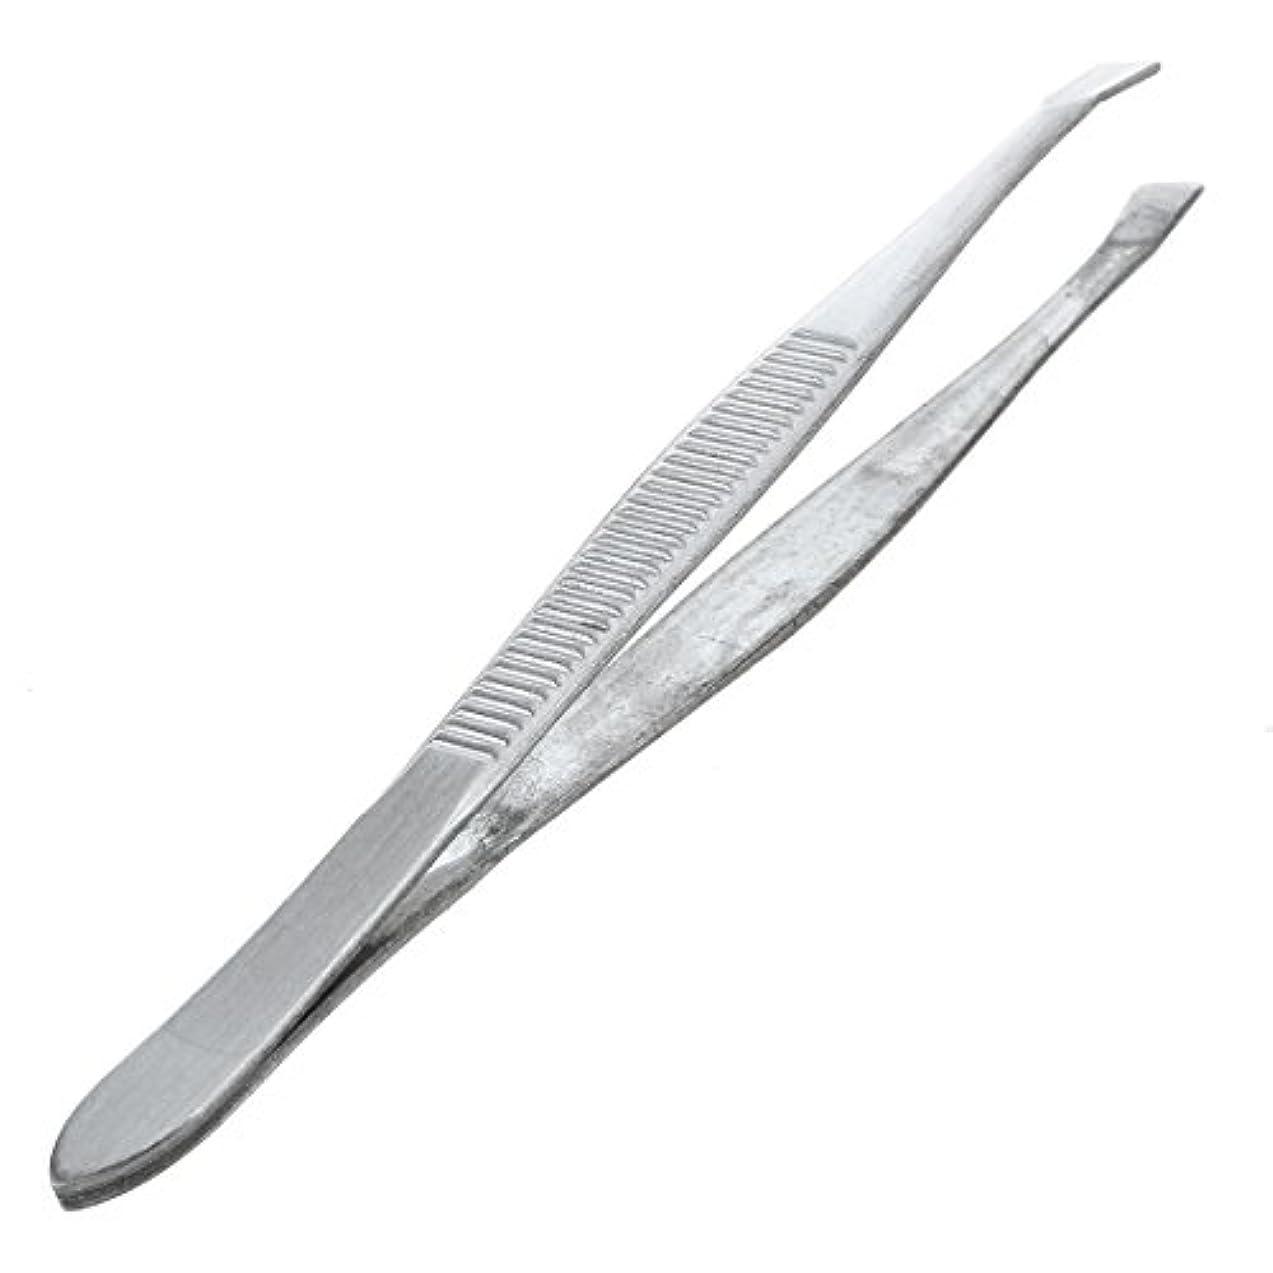 夕食を食べるネックレット偉業ACAMPTAR 眉毛ピンセット 脱毛チップ 炭素鋼 傾斜 9cm シルバーカラー